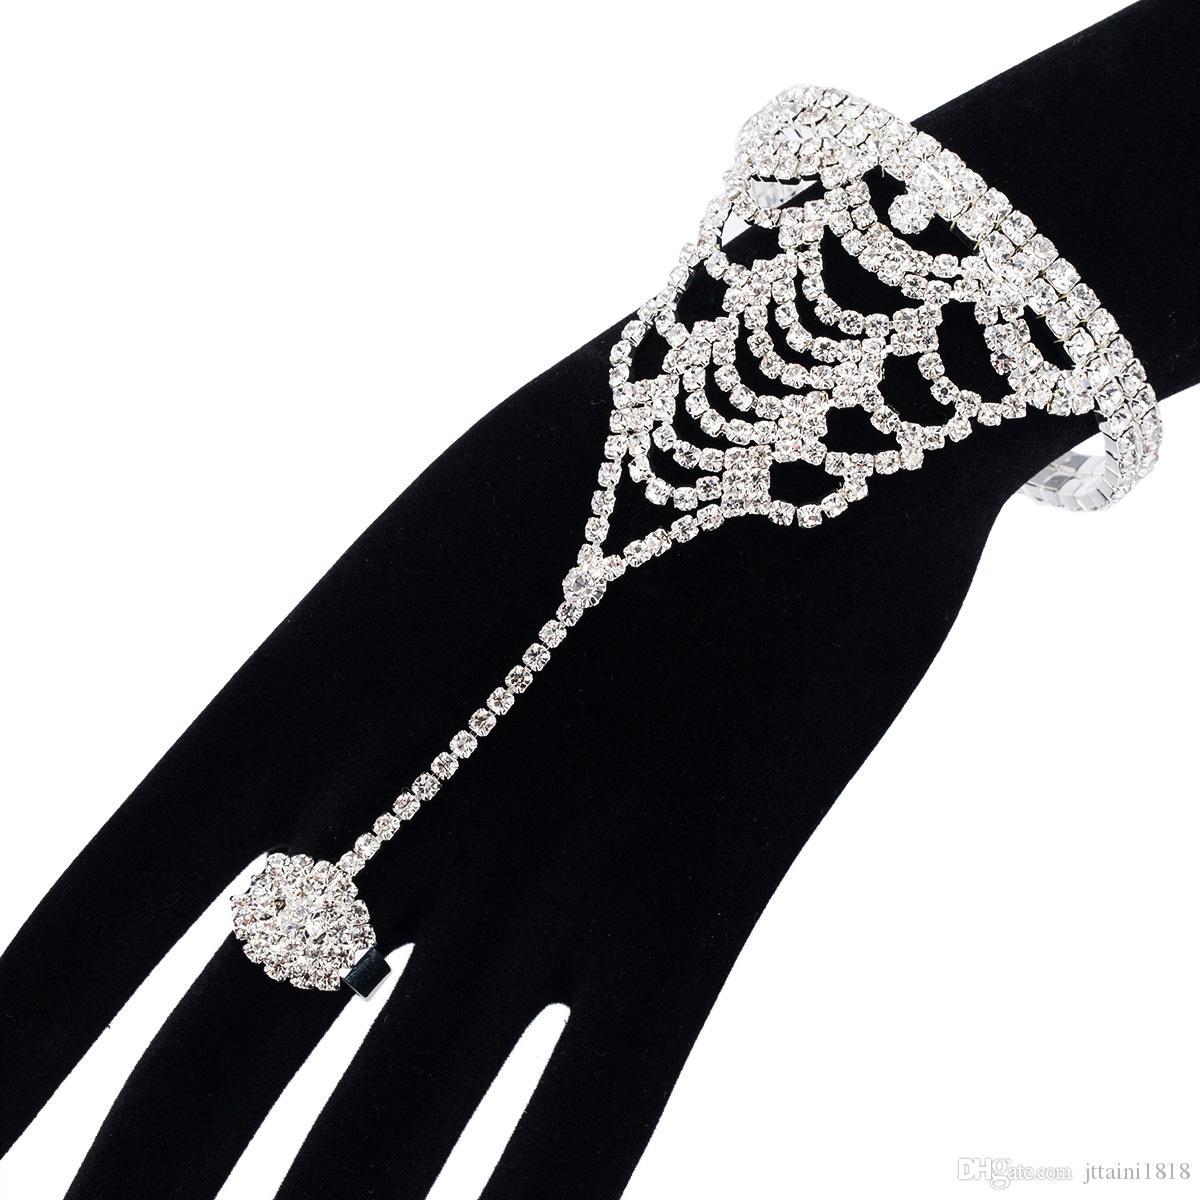 Rose Kettenglied-Armband-Frauen-Armband-Armbänder der Vinterly Rose der Großhandelsfrauen für Frauen geben Verschiffen-Schmucksachen B184 frei